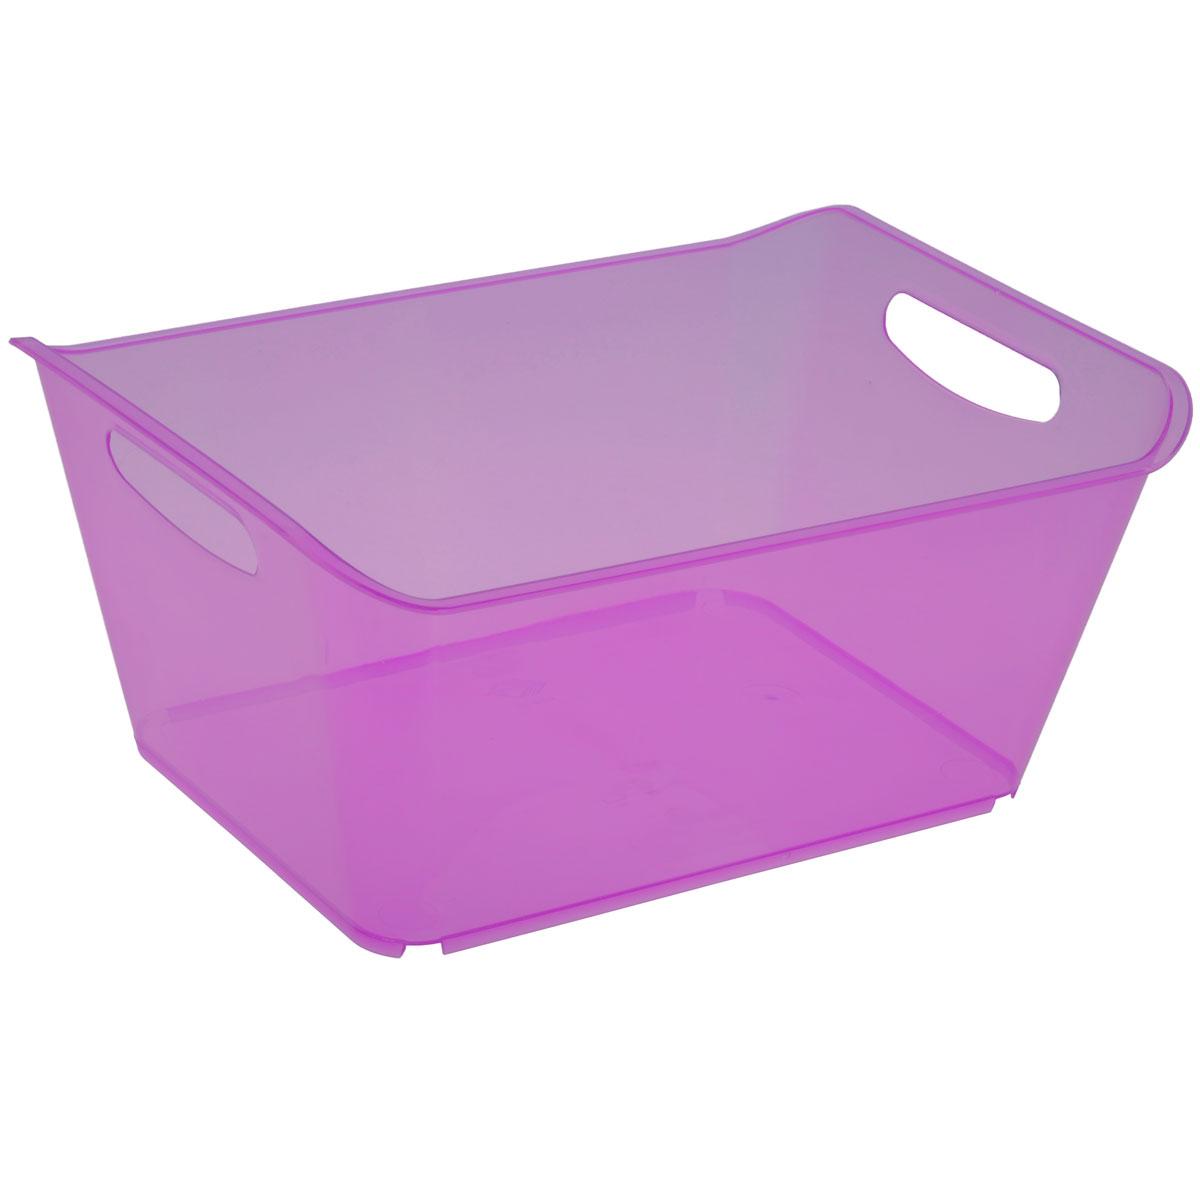 Контейнер Gensini, цвет: сиреневый, 18 л3333Контейнер Gensini выполнен из прочного пластика. Он предназначен для хранения различных мелких вещей в ванной, на кухне, даче или гараже, исключая возможность их потери. По бокам контейнера предусмотрены две удобные ручки для его переноски. Контейнер поможет хранить все в одном месте, а также защитить вещи от пыли, грязи и влаги. Объем: 18 л.